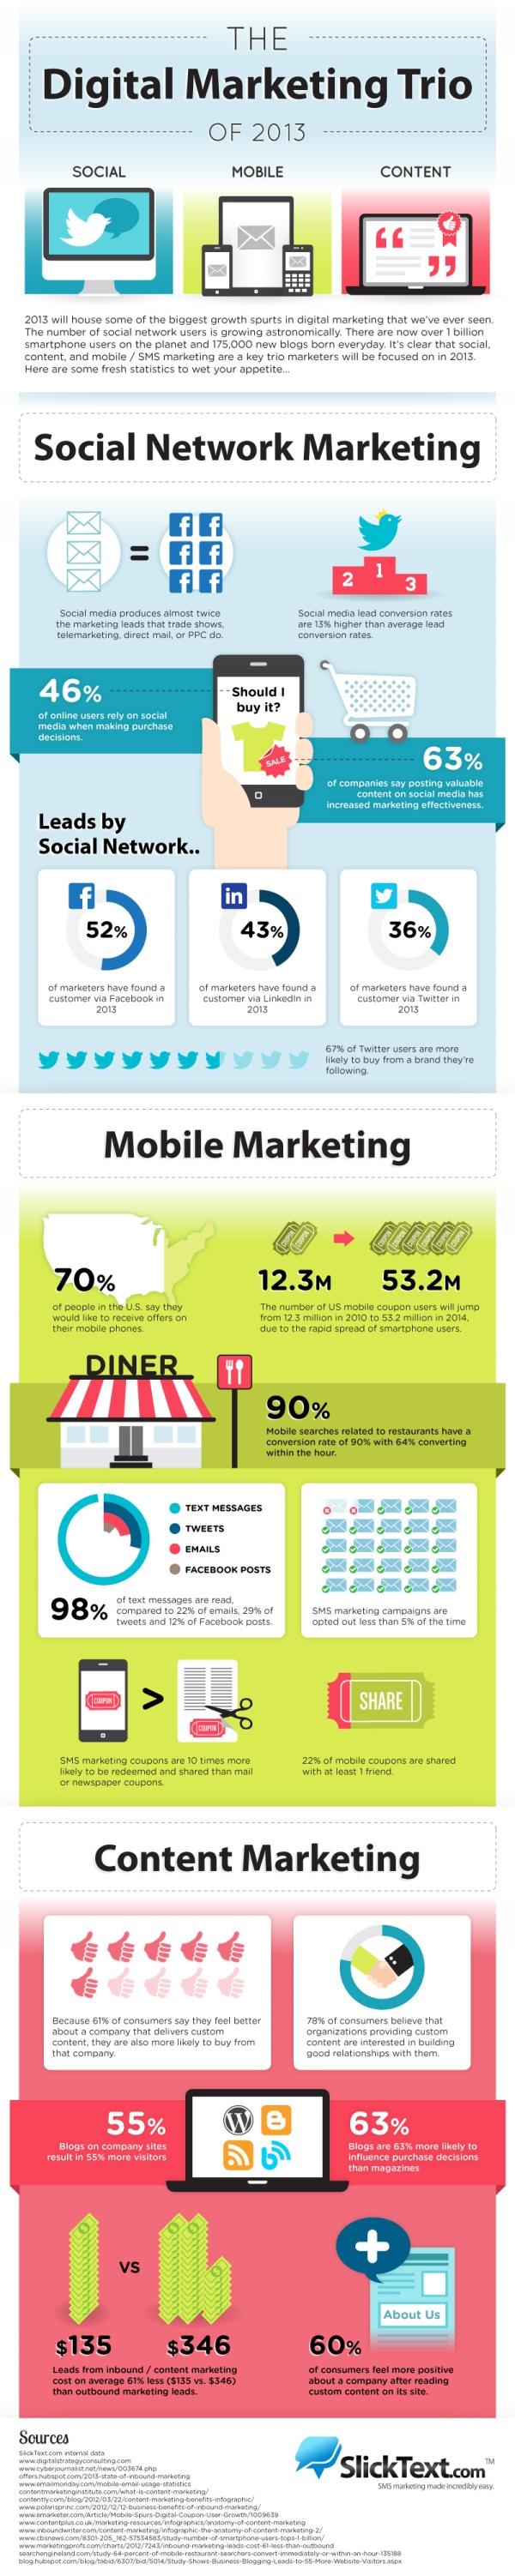 Most preferred digital marketing techniques in 2013